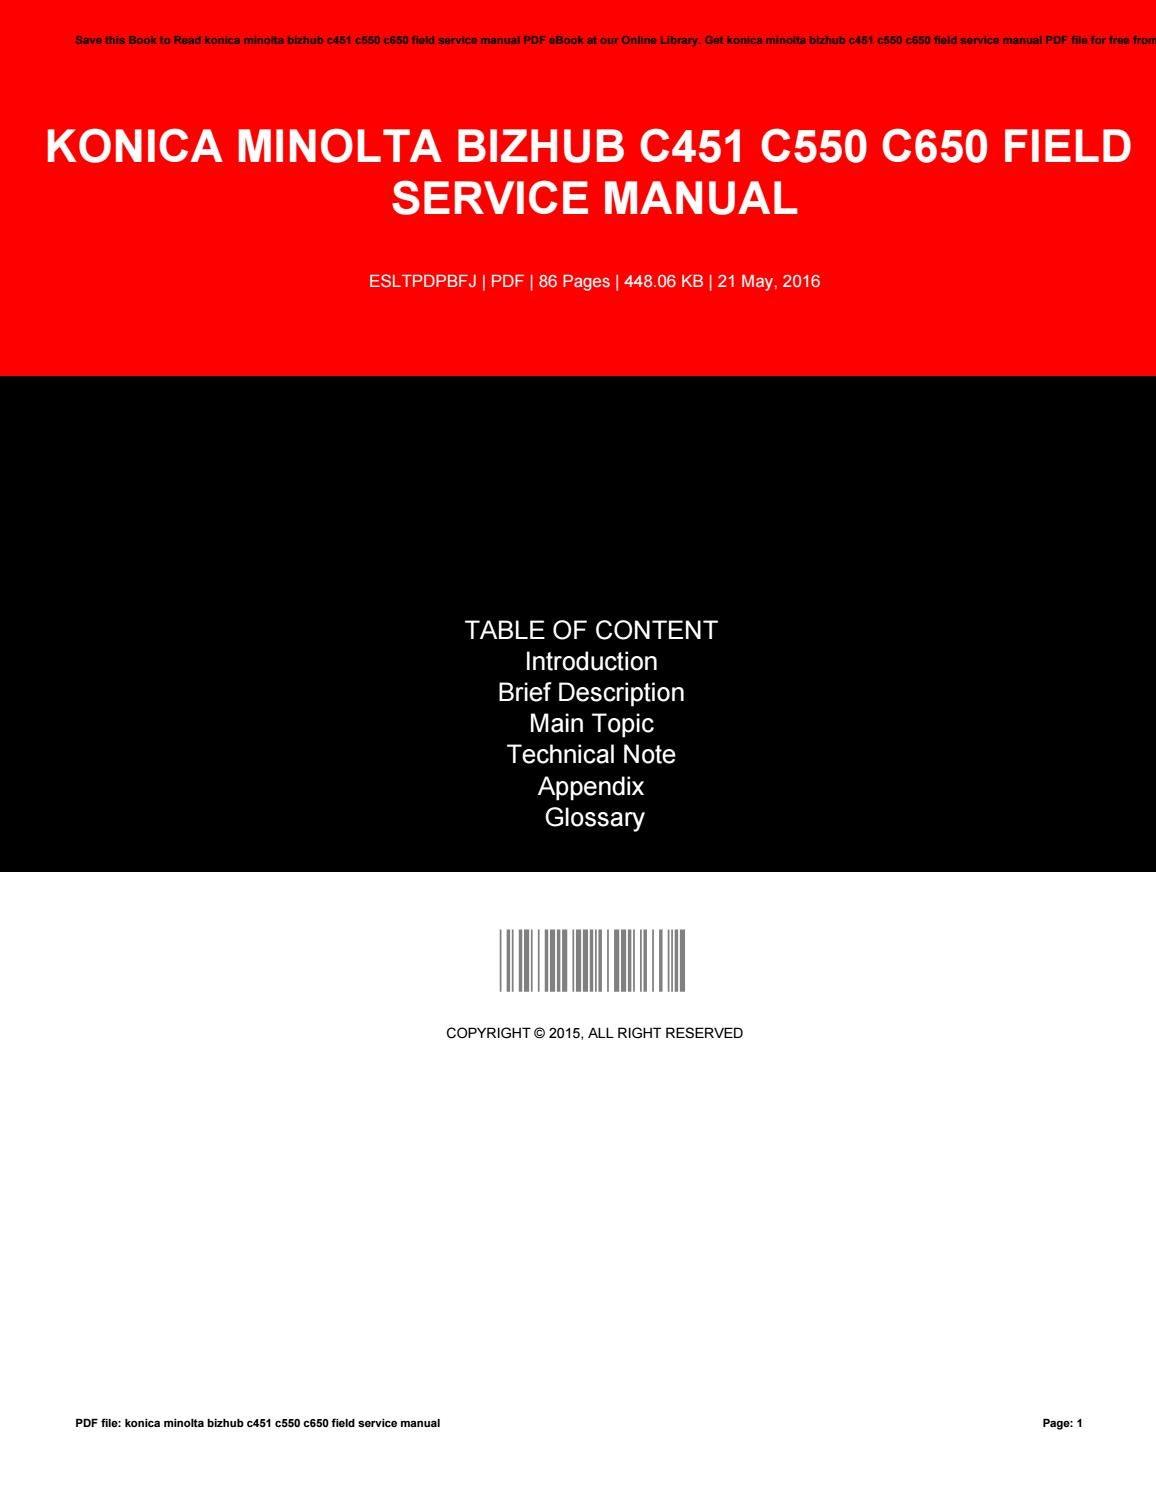 bizhub c25 field service manual